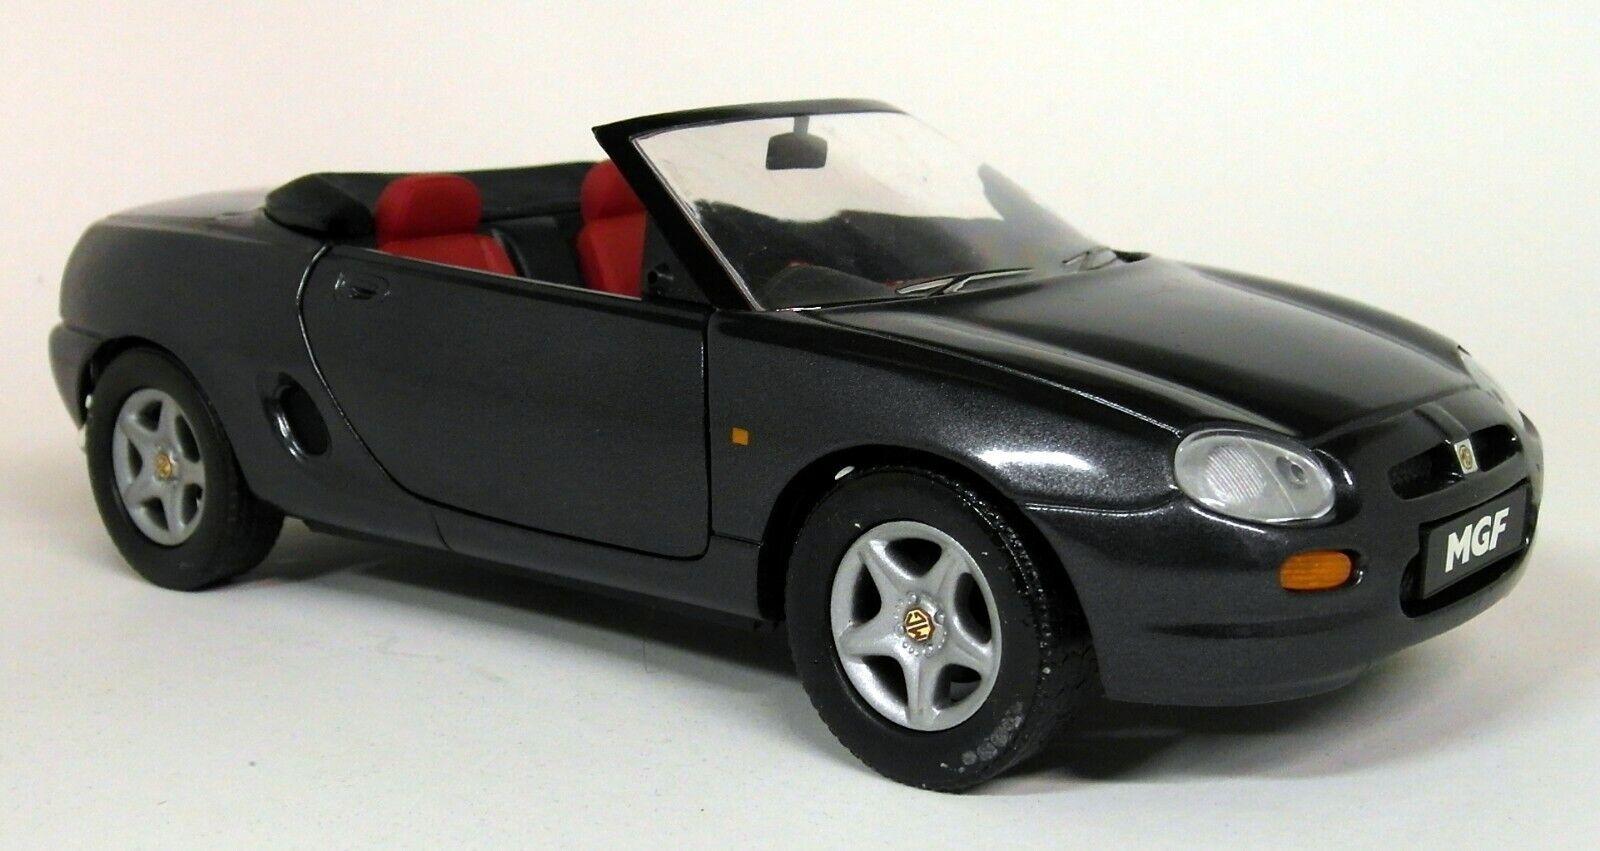 Corgi 1  18 skala - 95105 MG MGF Roadster Charkole grå Plinth tärningskast modellllerlerl Bil